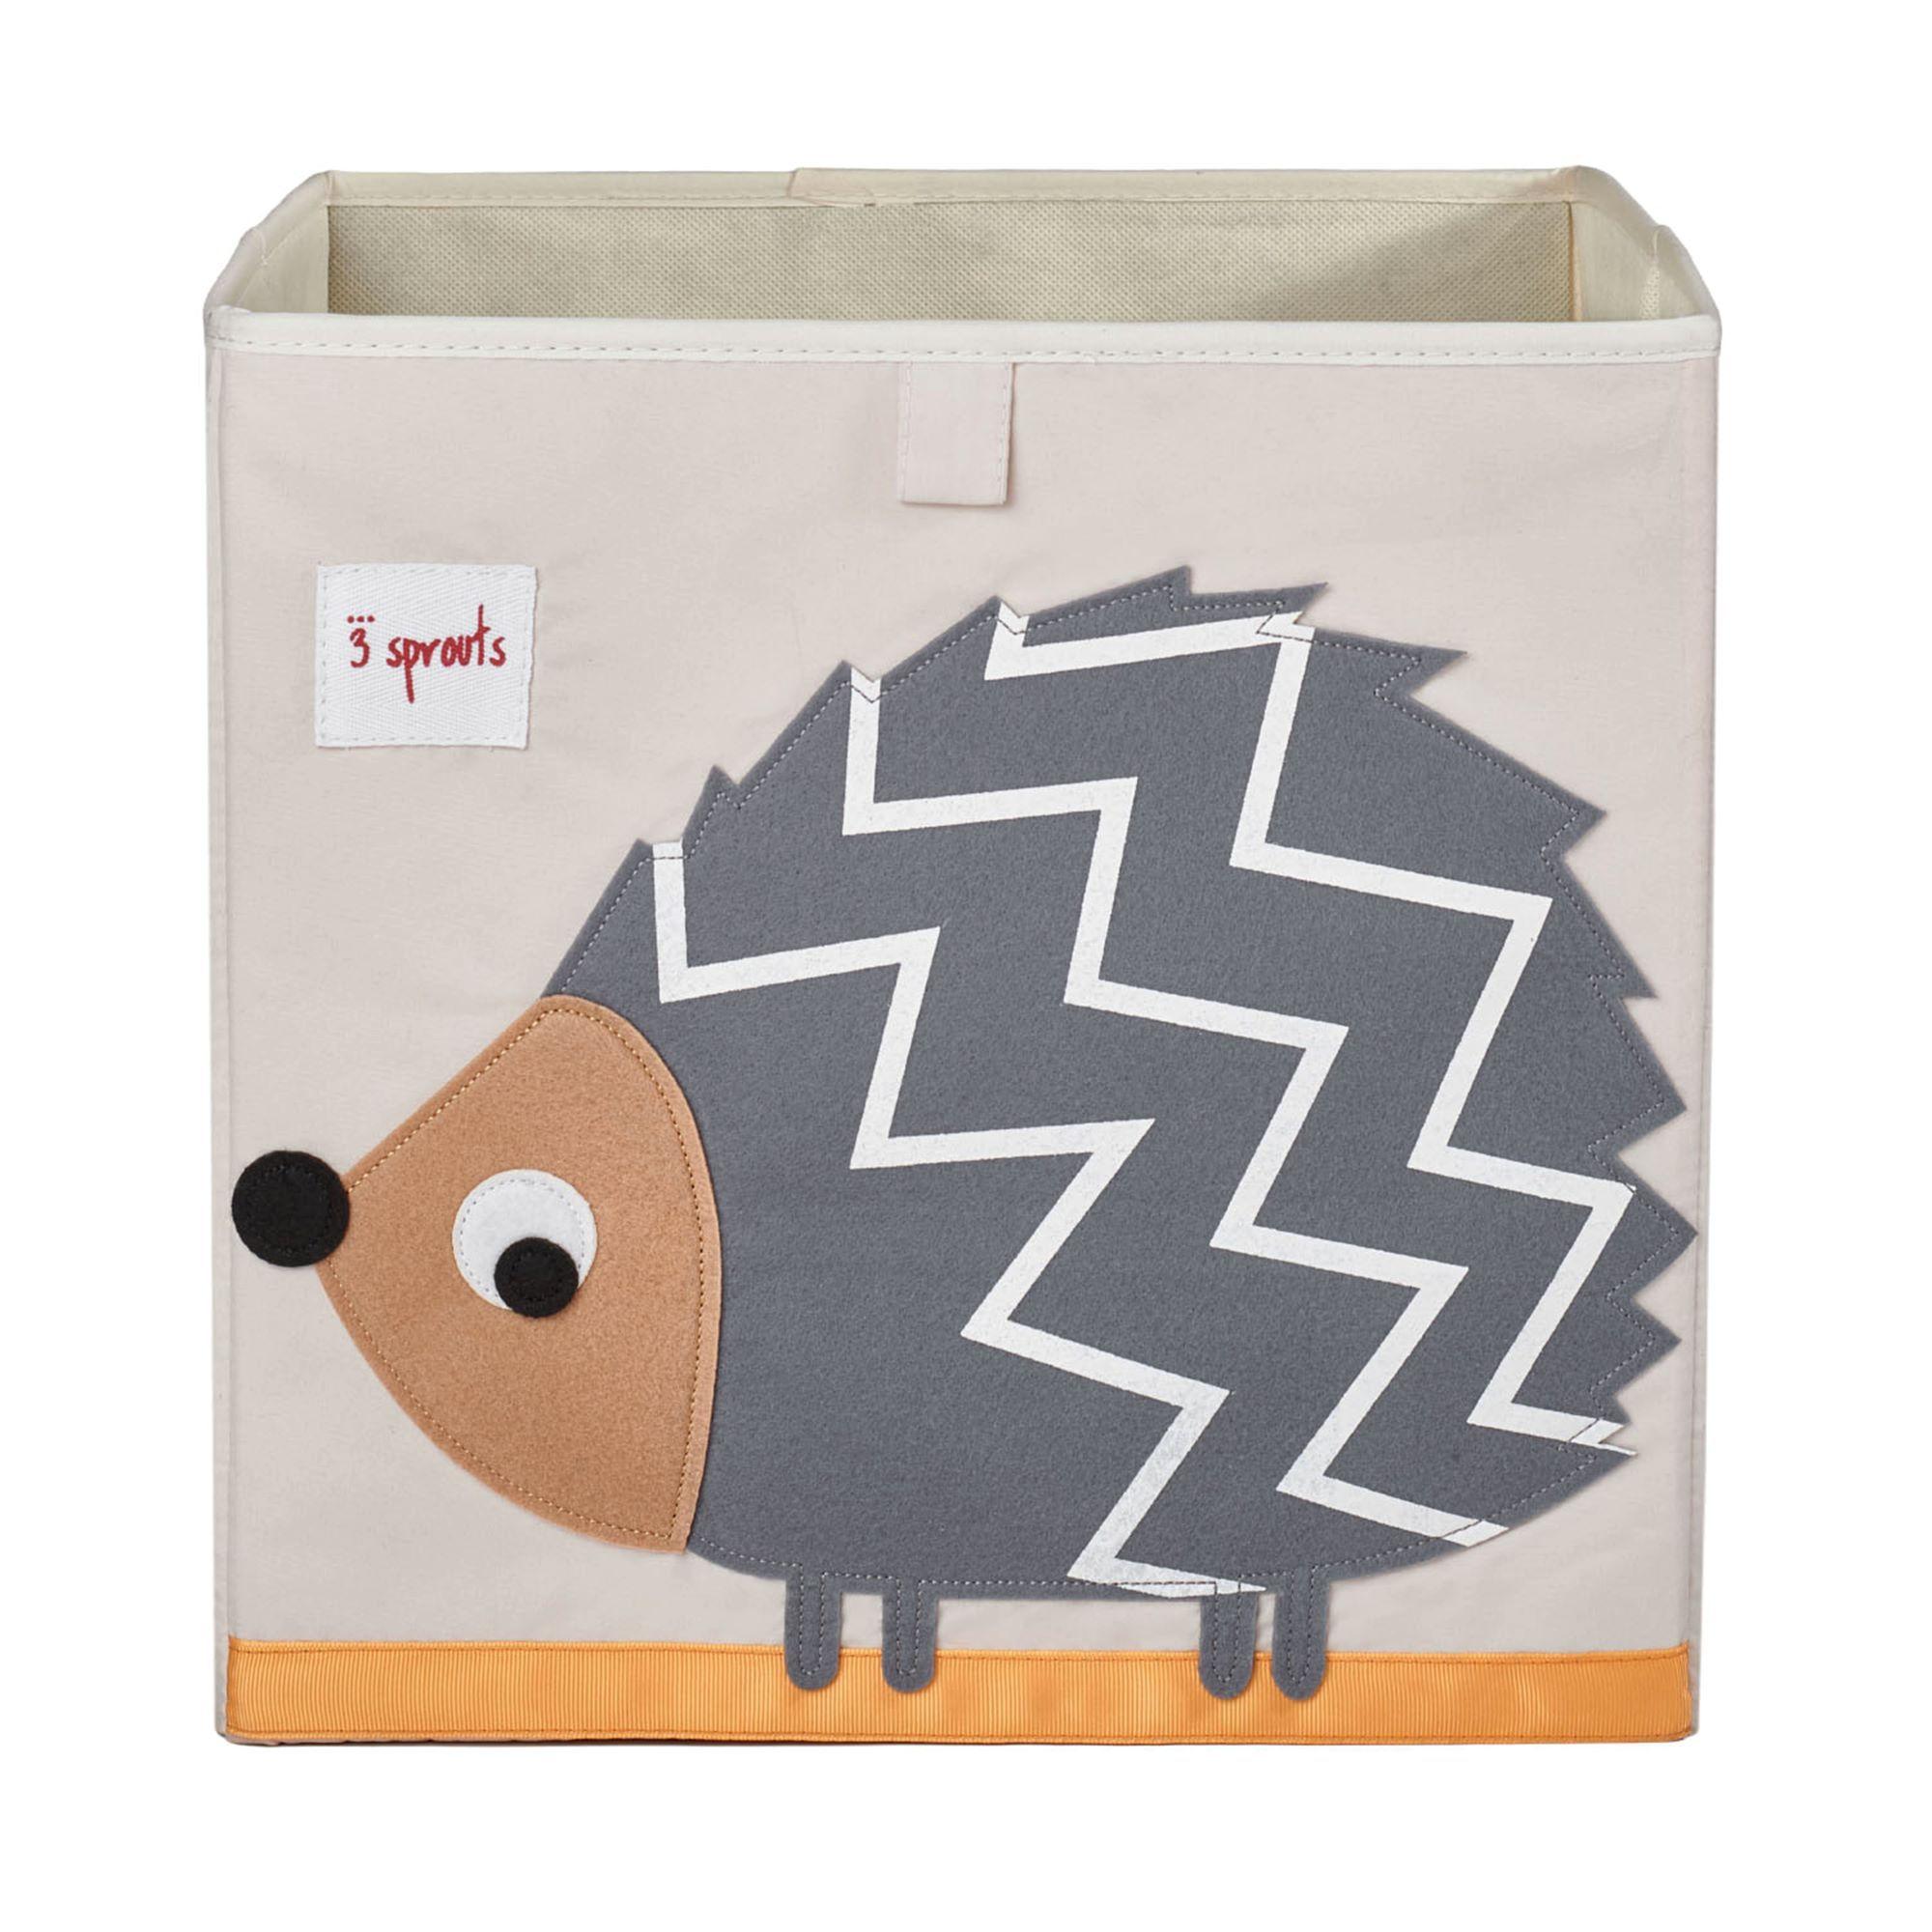 Organizador Infantil Quadrado - Porco Espinho - 3 Sprouts